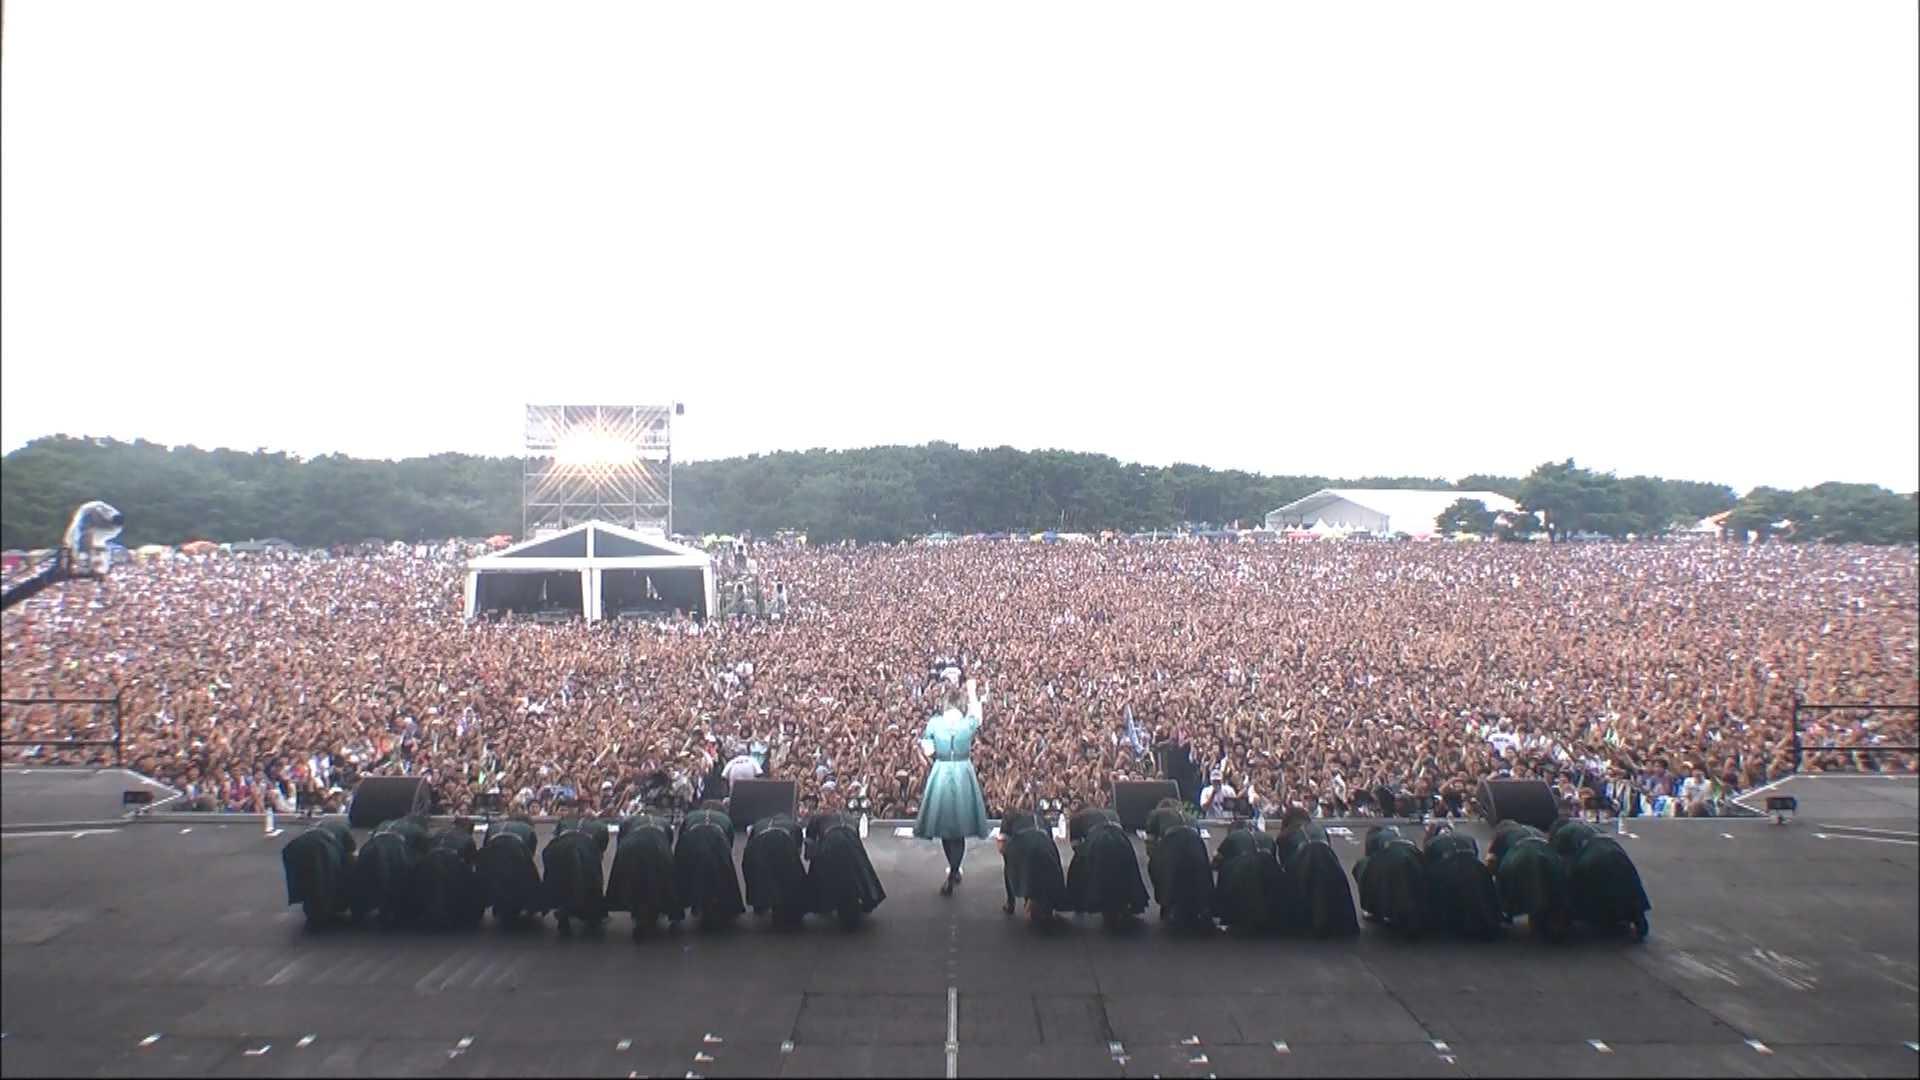 欅坂46のグラスステージがこれなんだが、モー娘。はこんだけ動員できて盛り上げられるの?